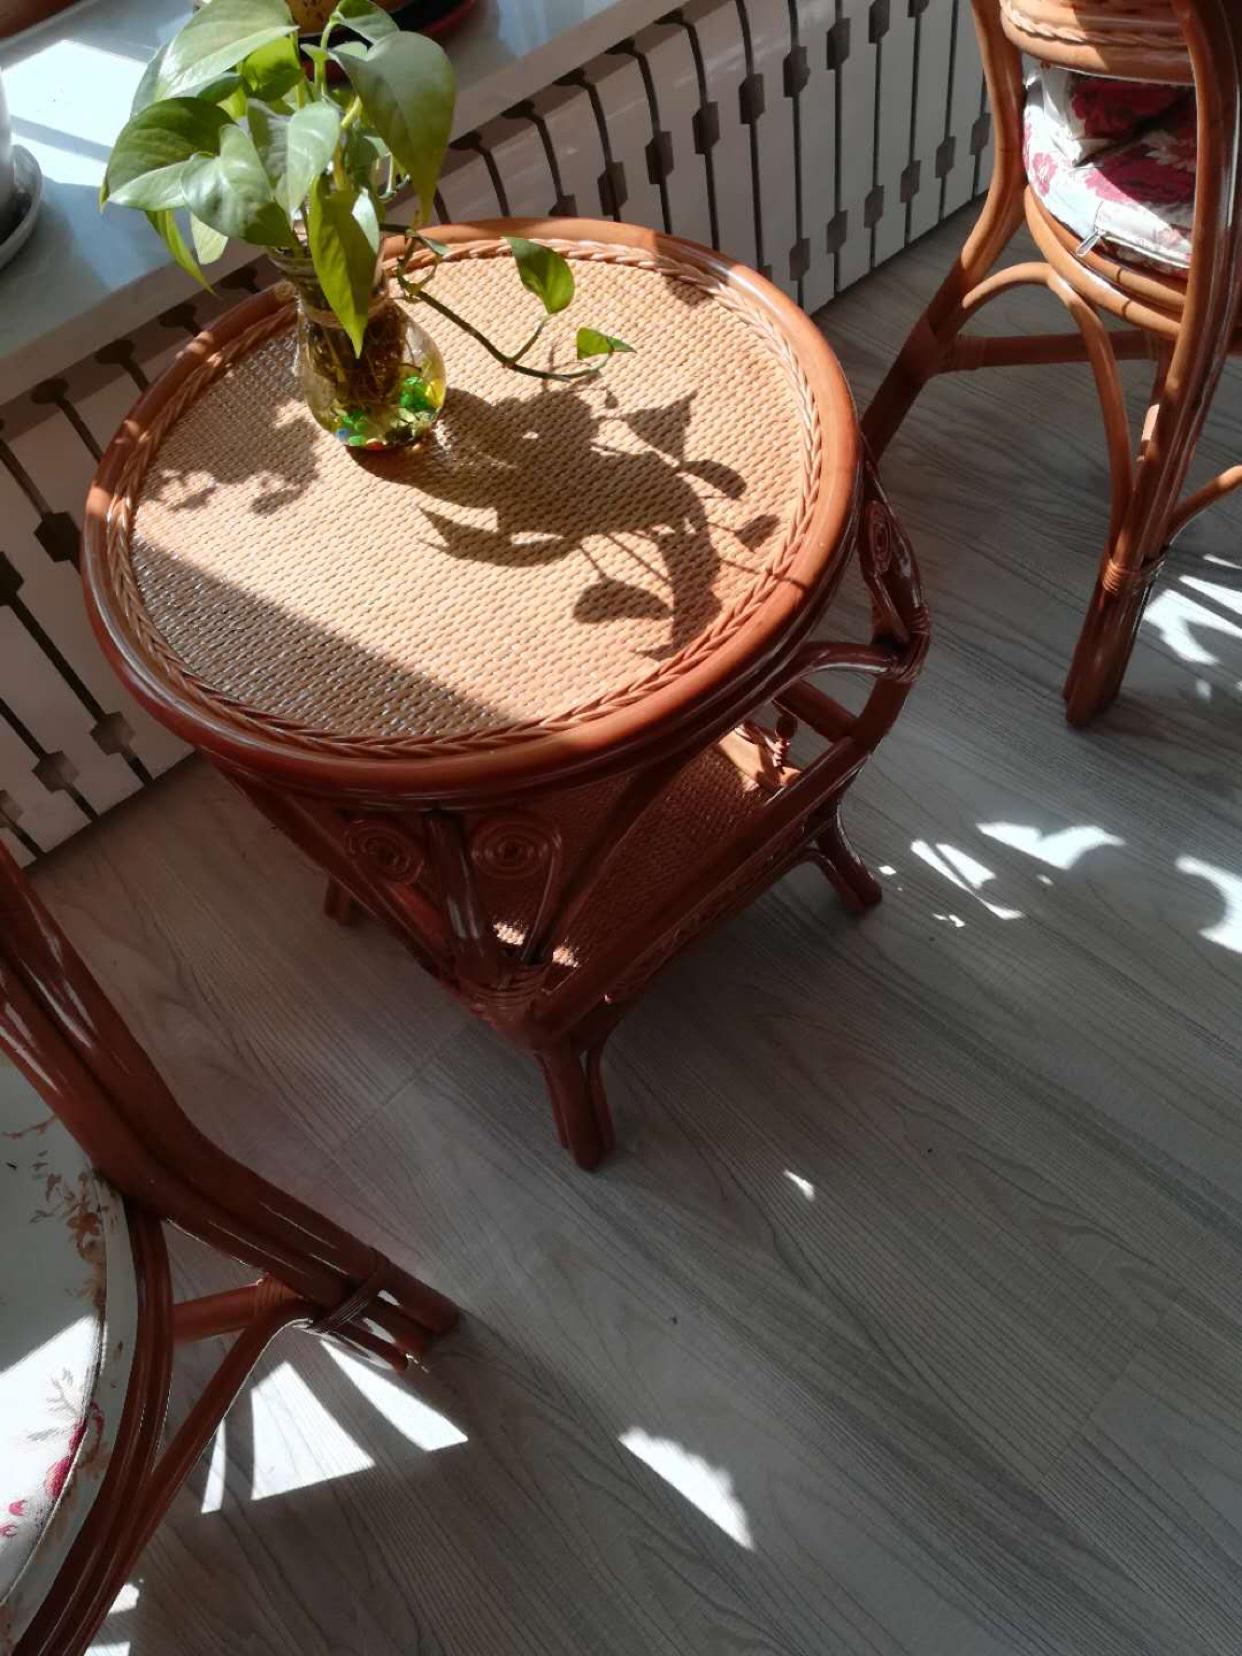 评价点评藤佳人WY1017藤椅茶几组合反馈如何,使用心得感受!